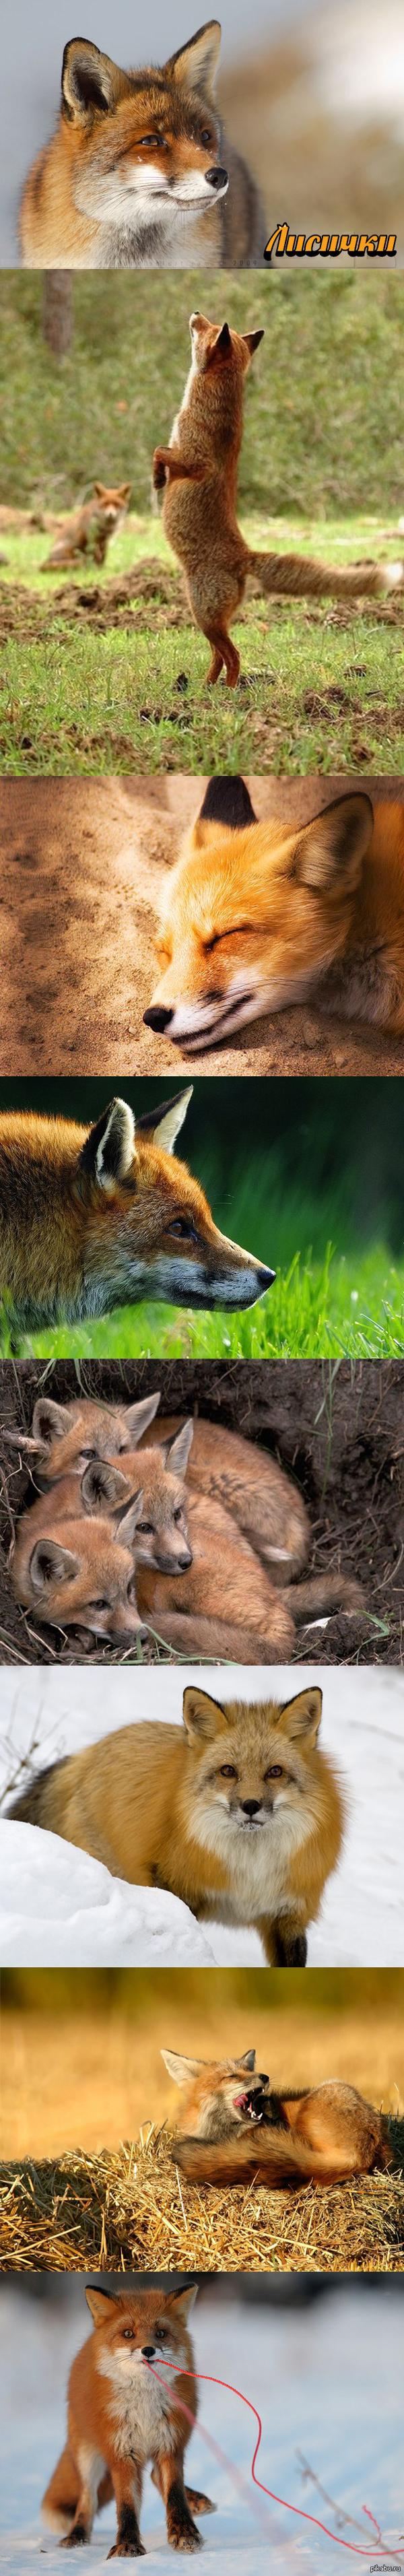 Рыжие красавицы ^__^ Подборка с красивыми лисичками